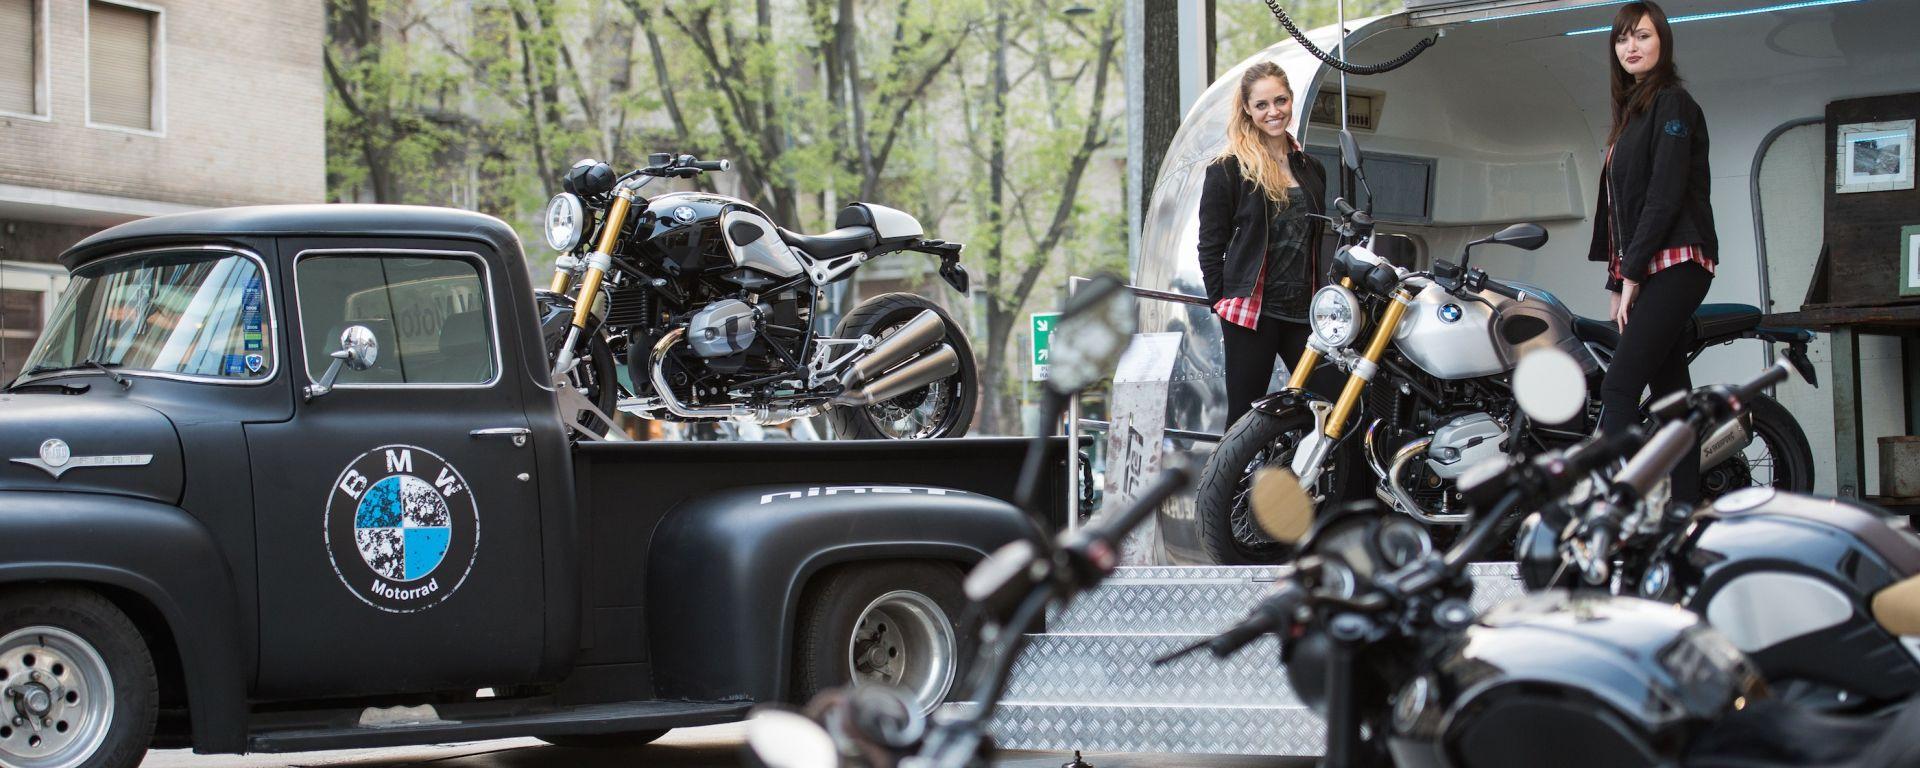 BMW Motorrad New Heritage Tour 2016